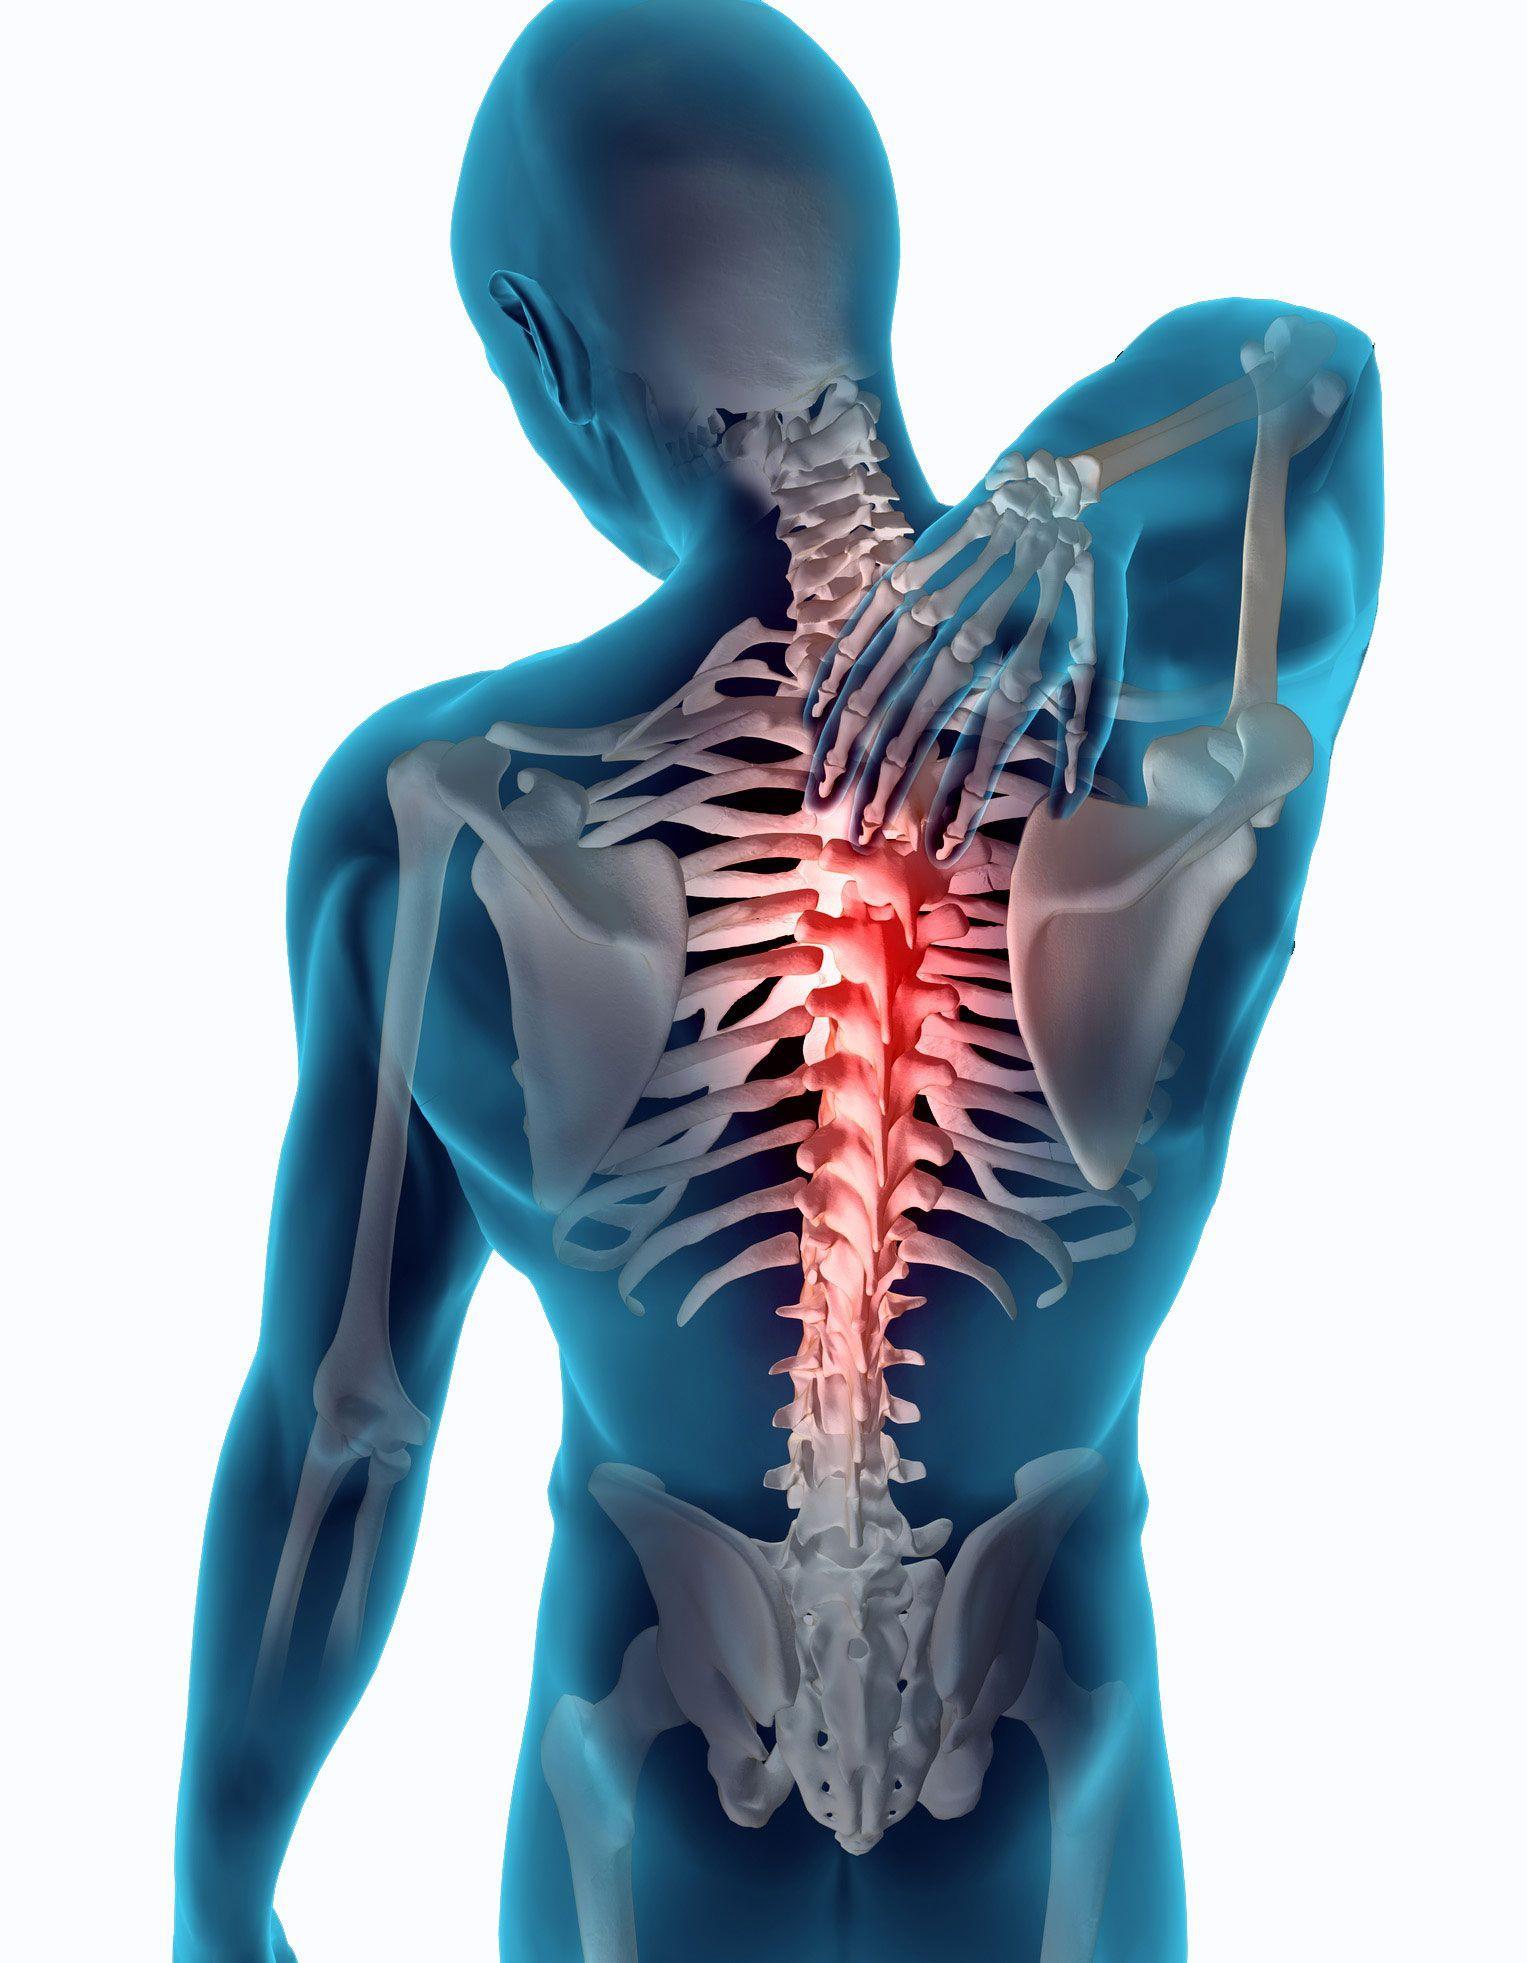 La hernia del departamento lumbar de la columna vertebral el método público del tratamiento